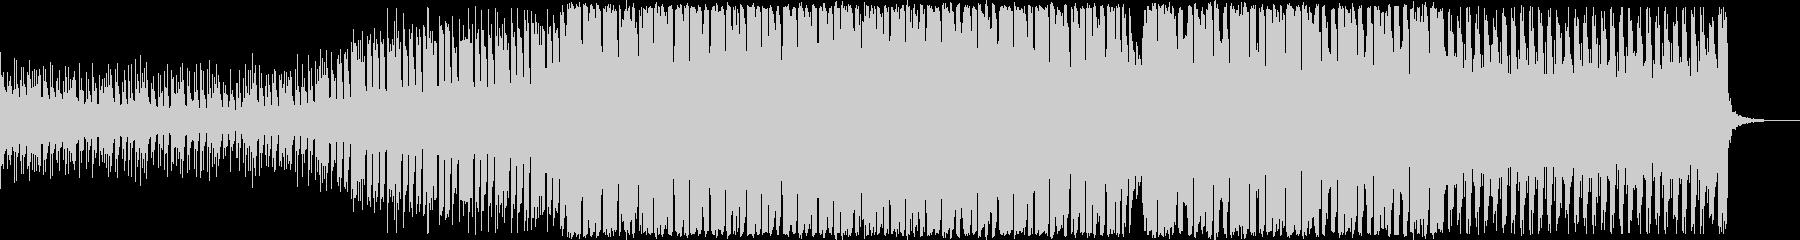 アップテンポなEDMの未再生の波形